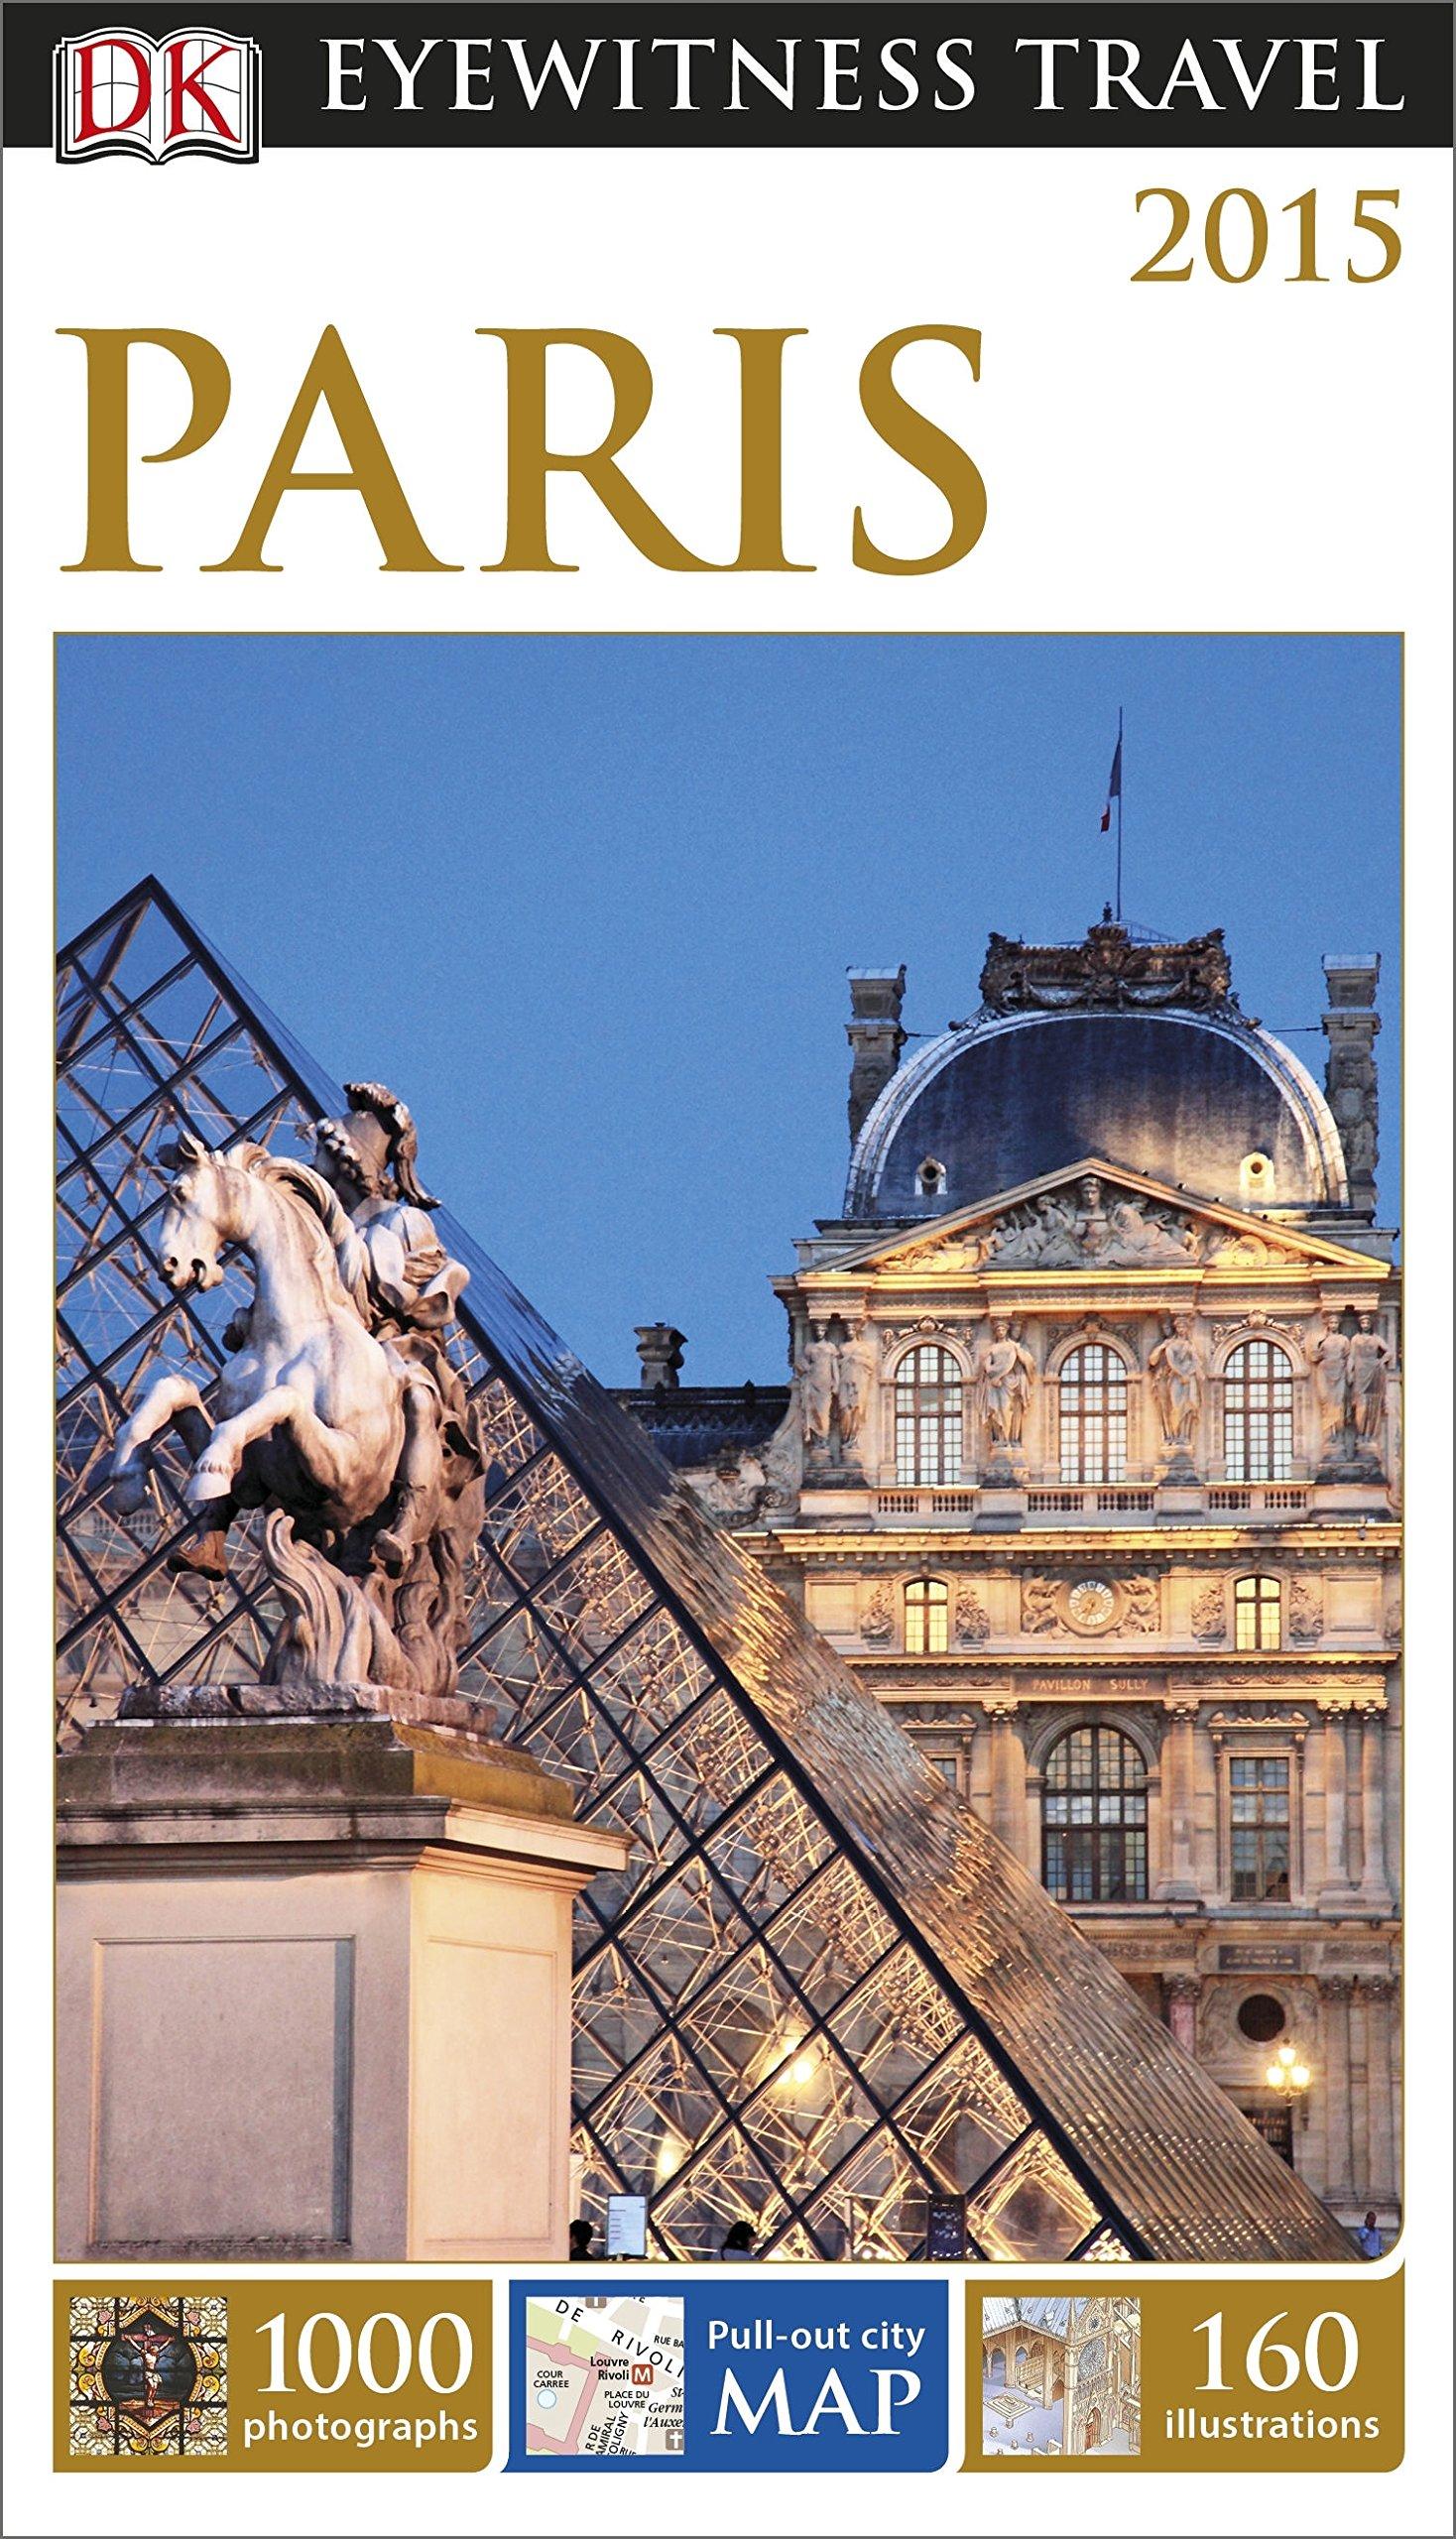 DK Eyewitness Travel Guide: Paris (Eyewitness Travel Guides)